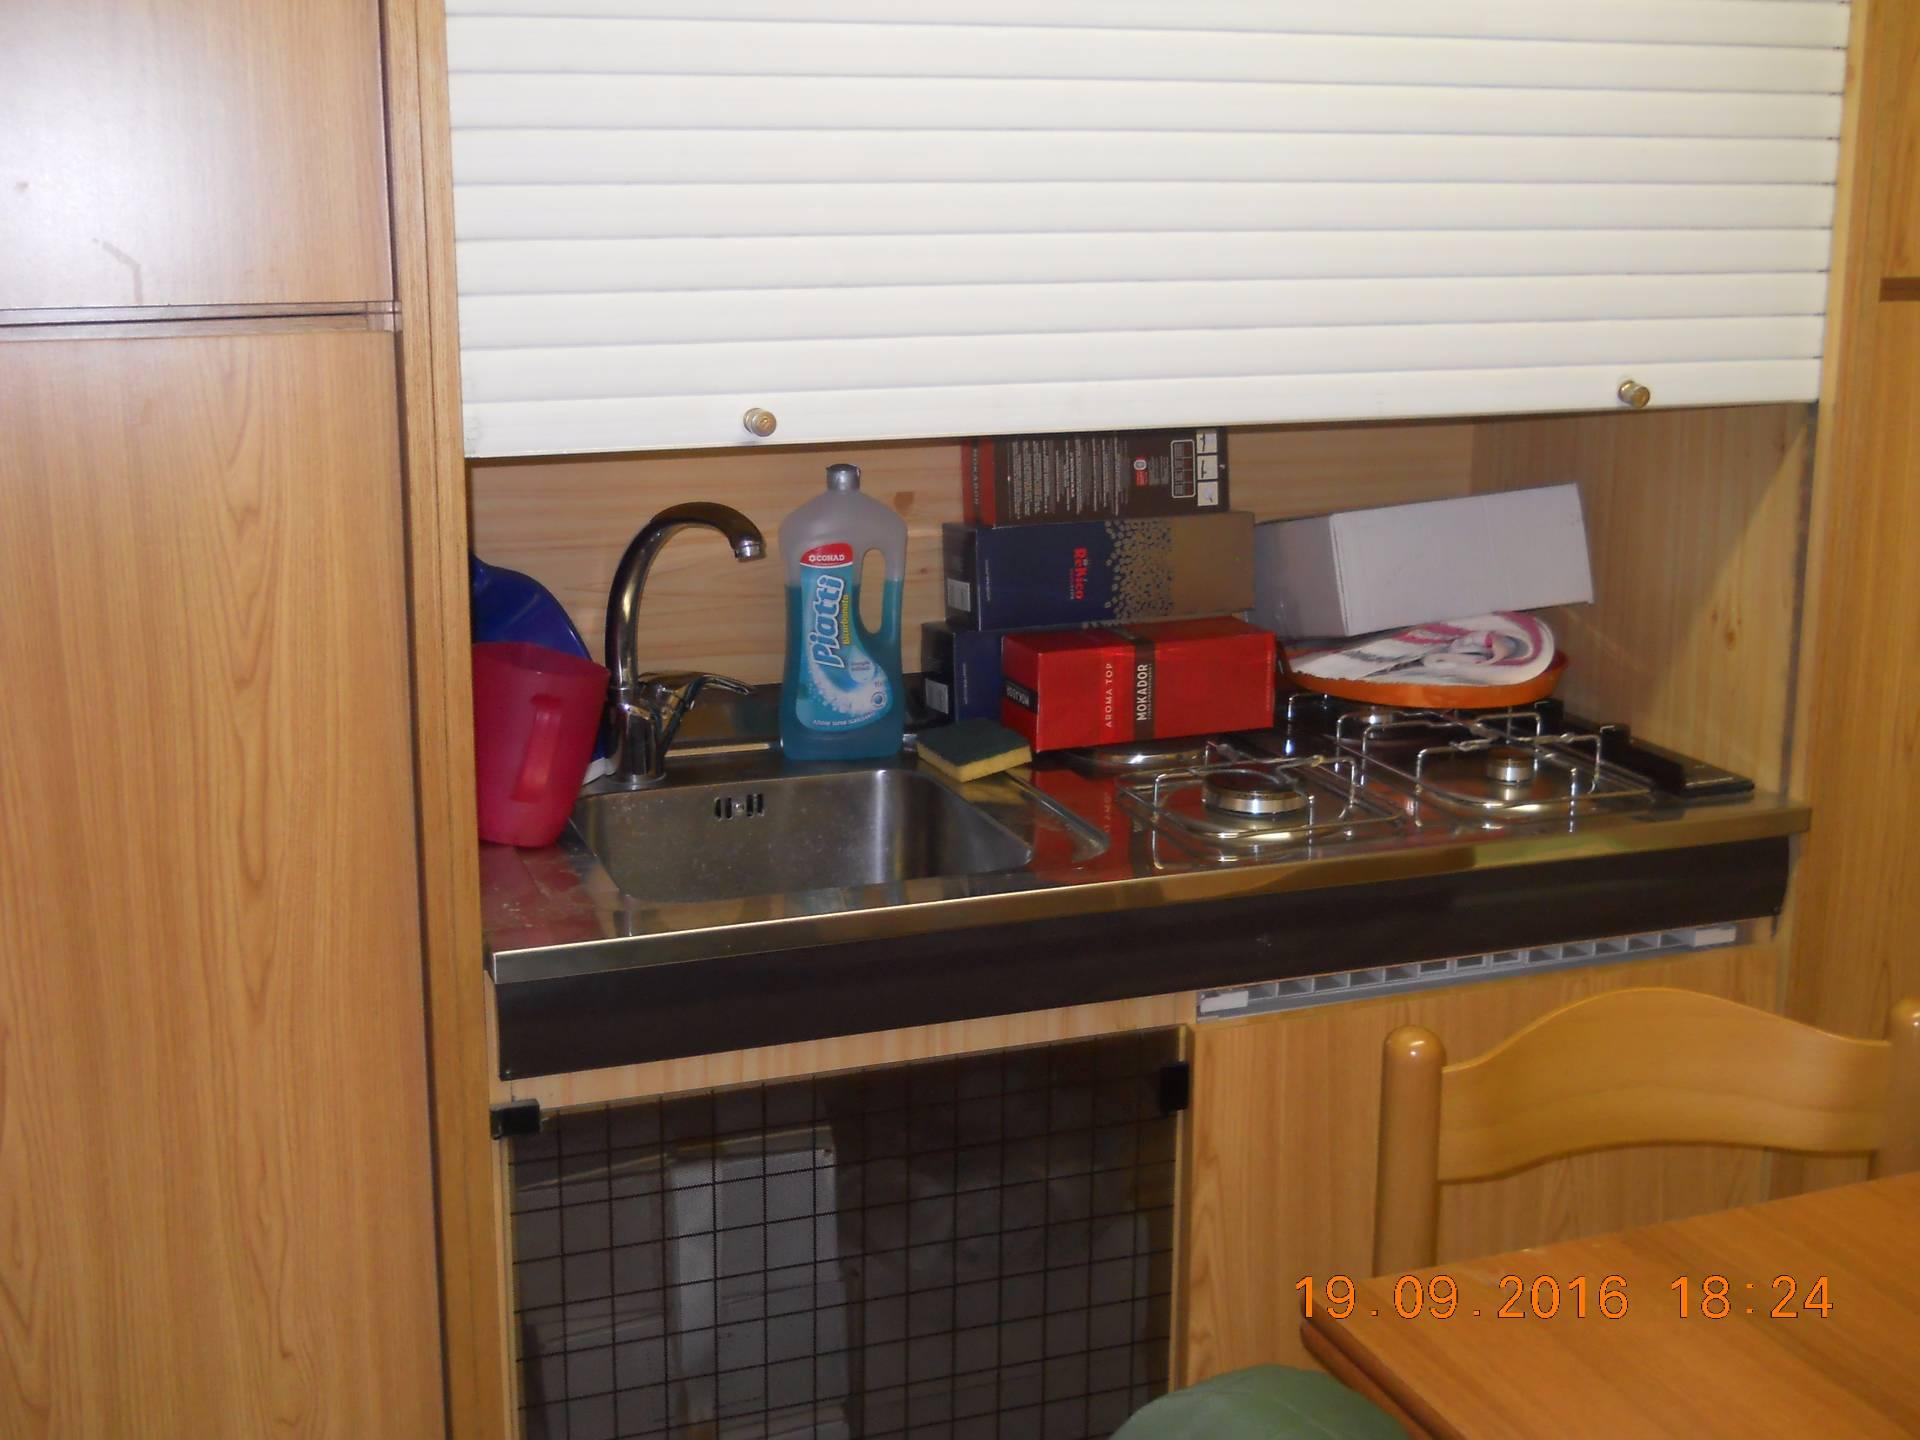 Appartamento in affitto a Faenza, 3 locali, zona Località: Stazione, prezzo € 500 | Cambio Casa.it